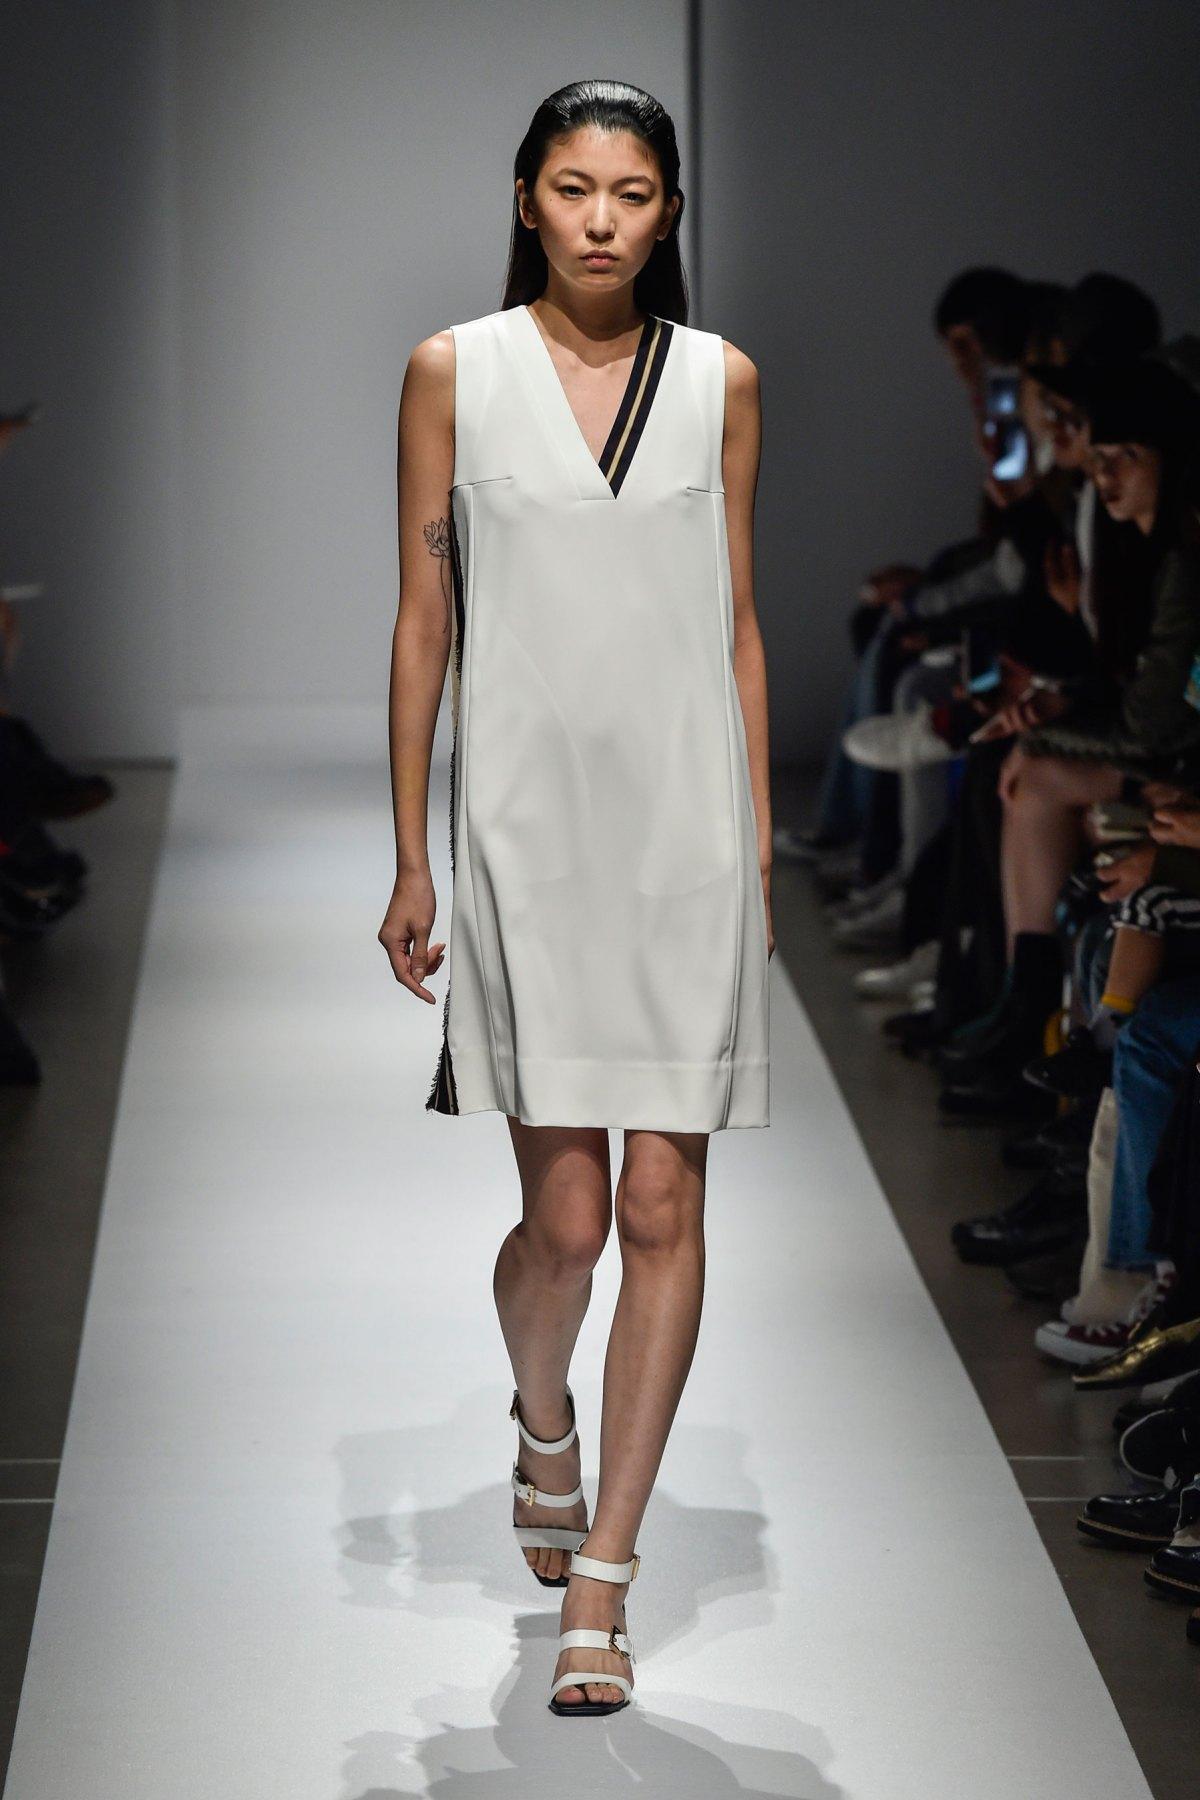 Fashion Hong Kong RS17 0053